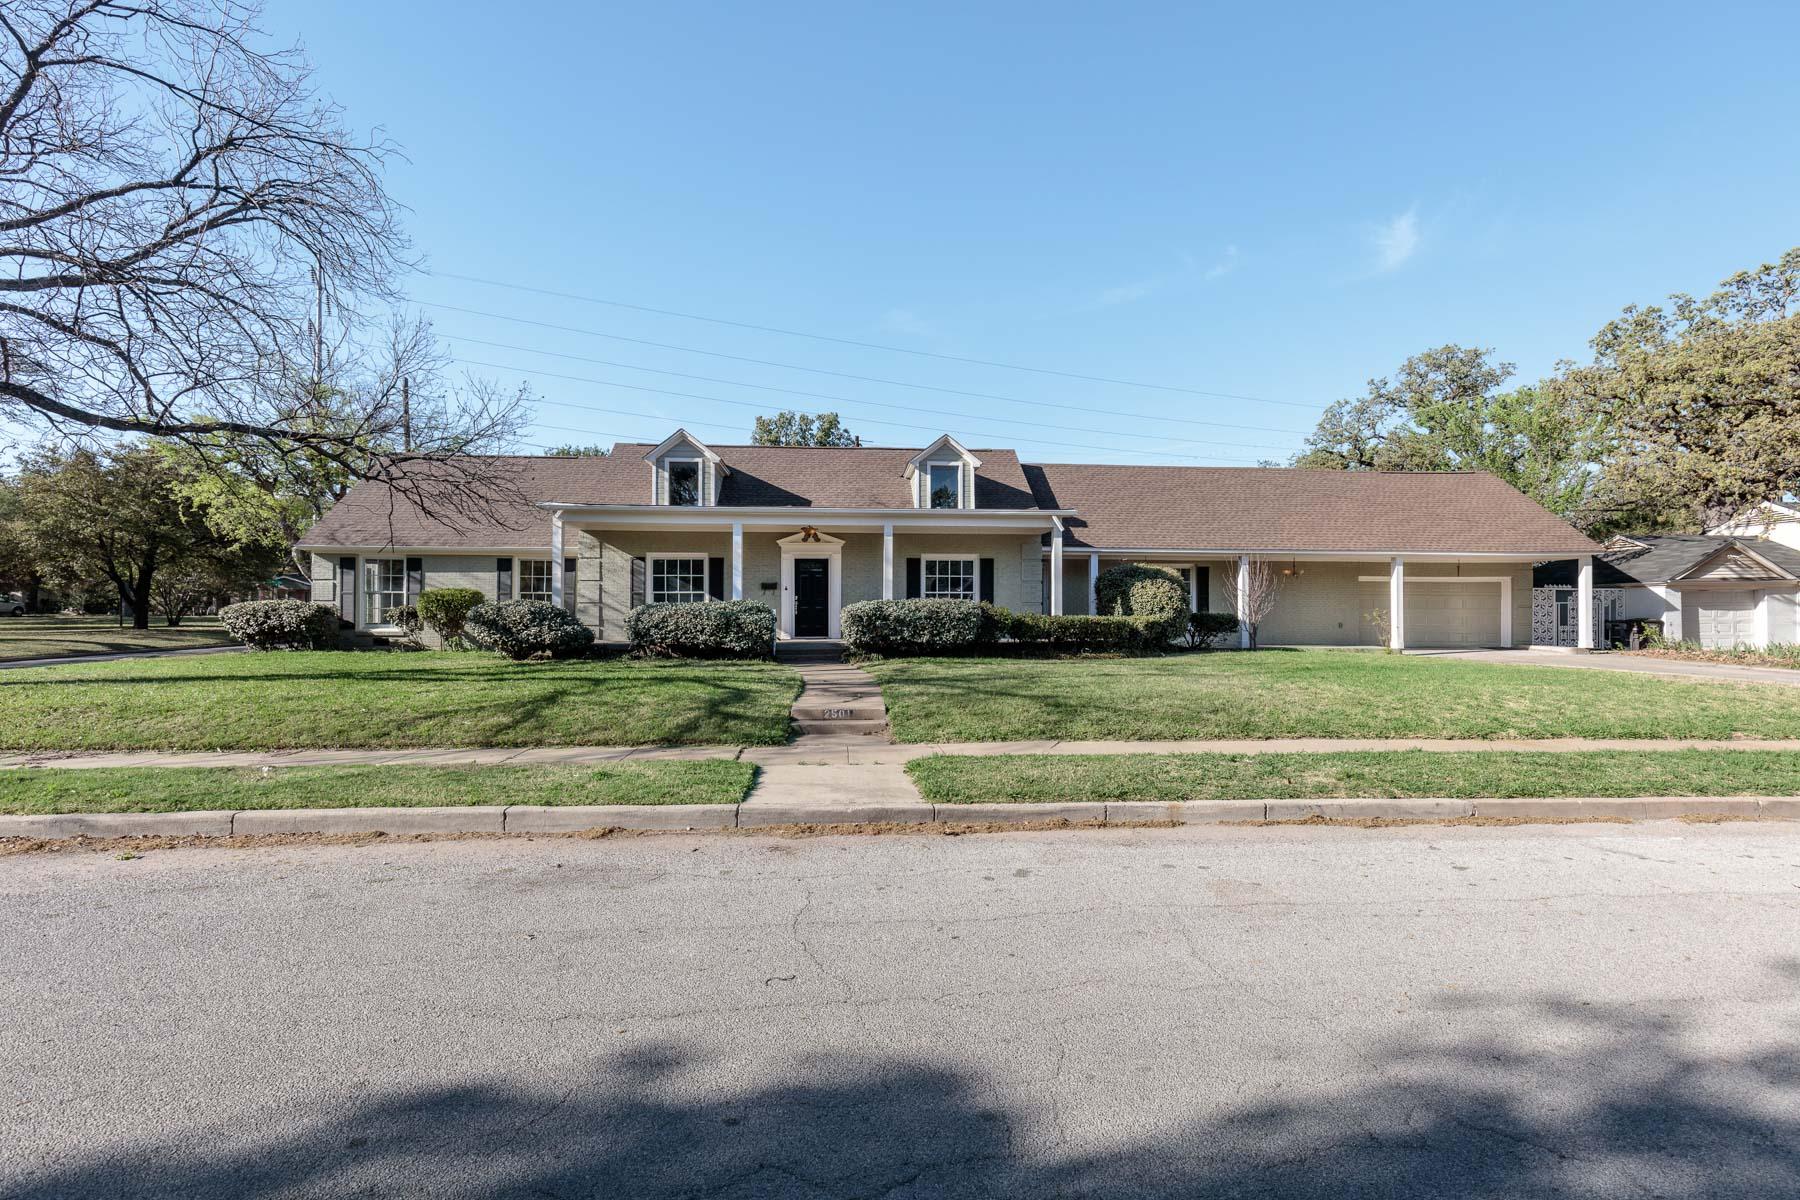 Villa per Vendita alle ore 2501 Carnation Ave, Fort Worth Fort Worth, Texas, 76111 Stati Uniti